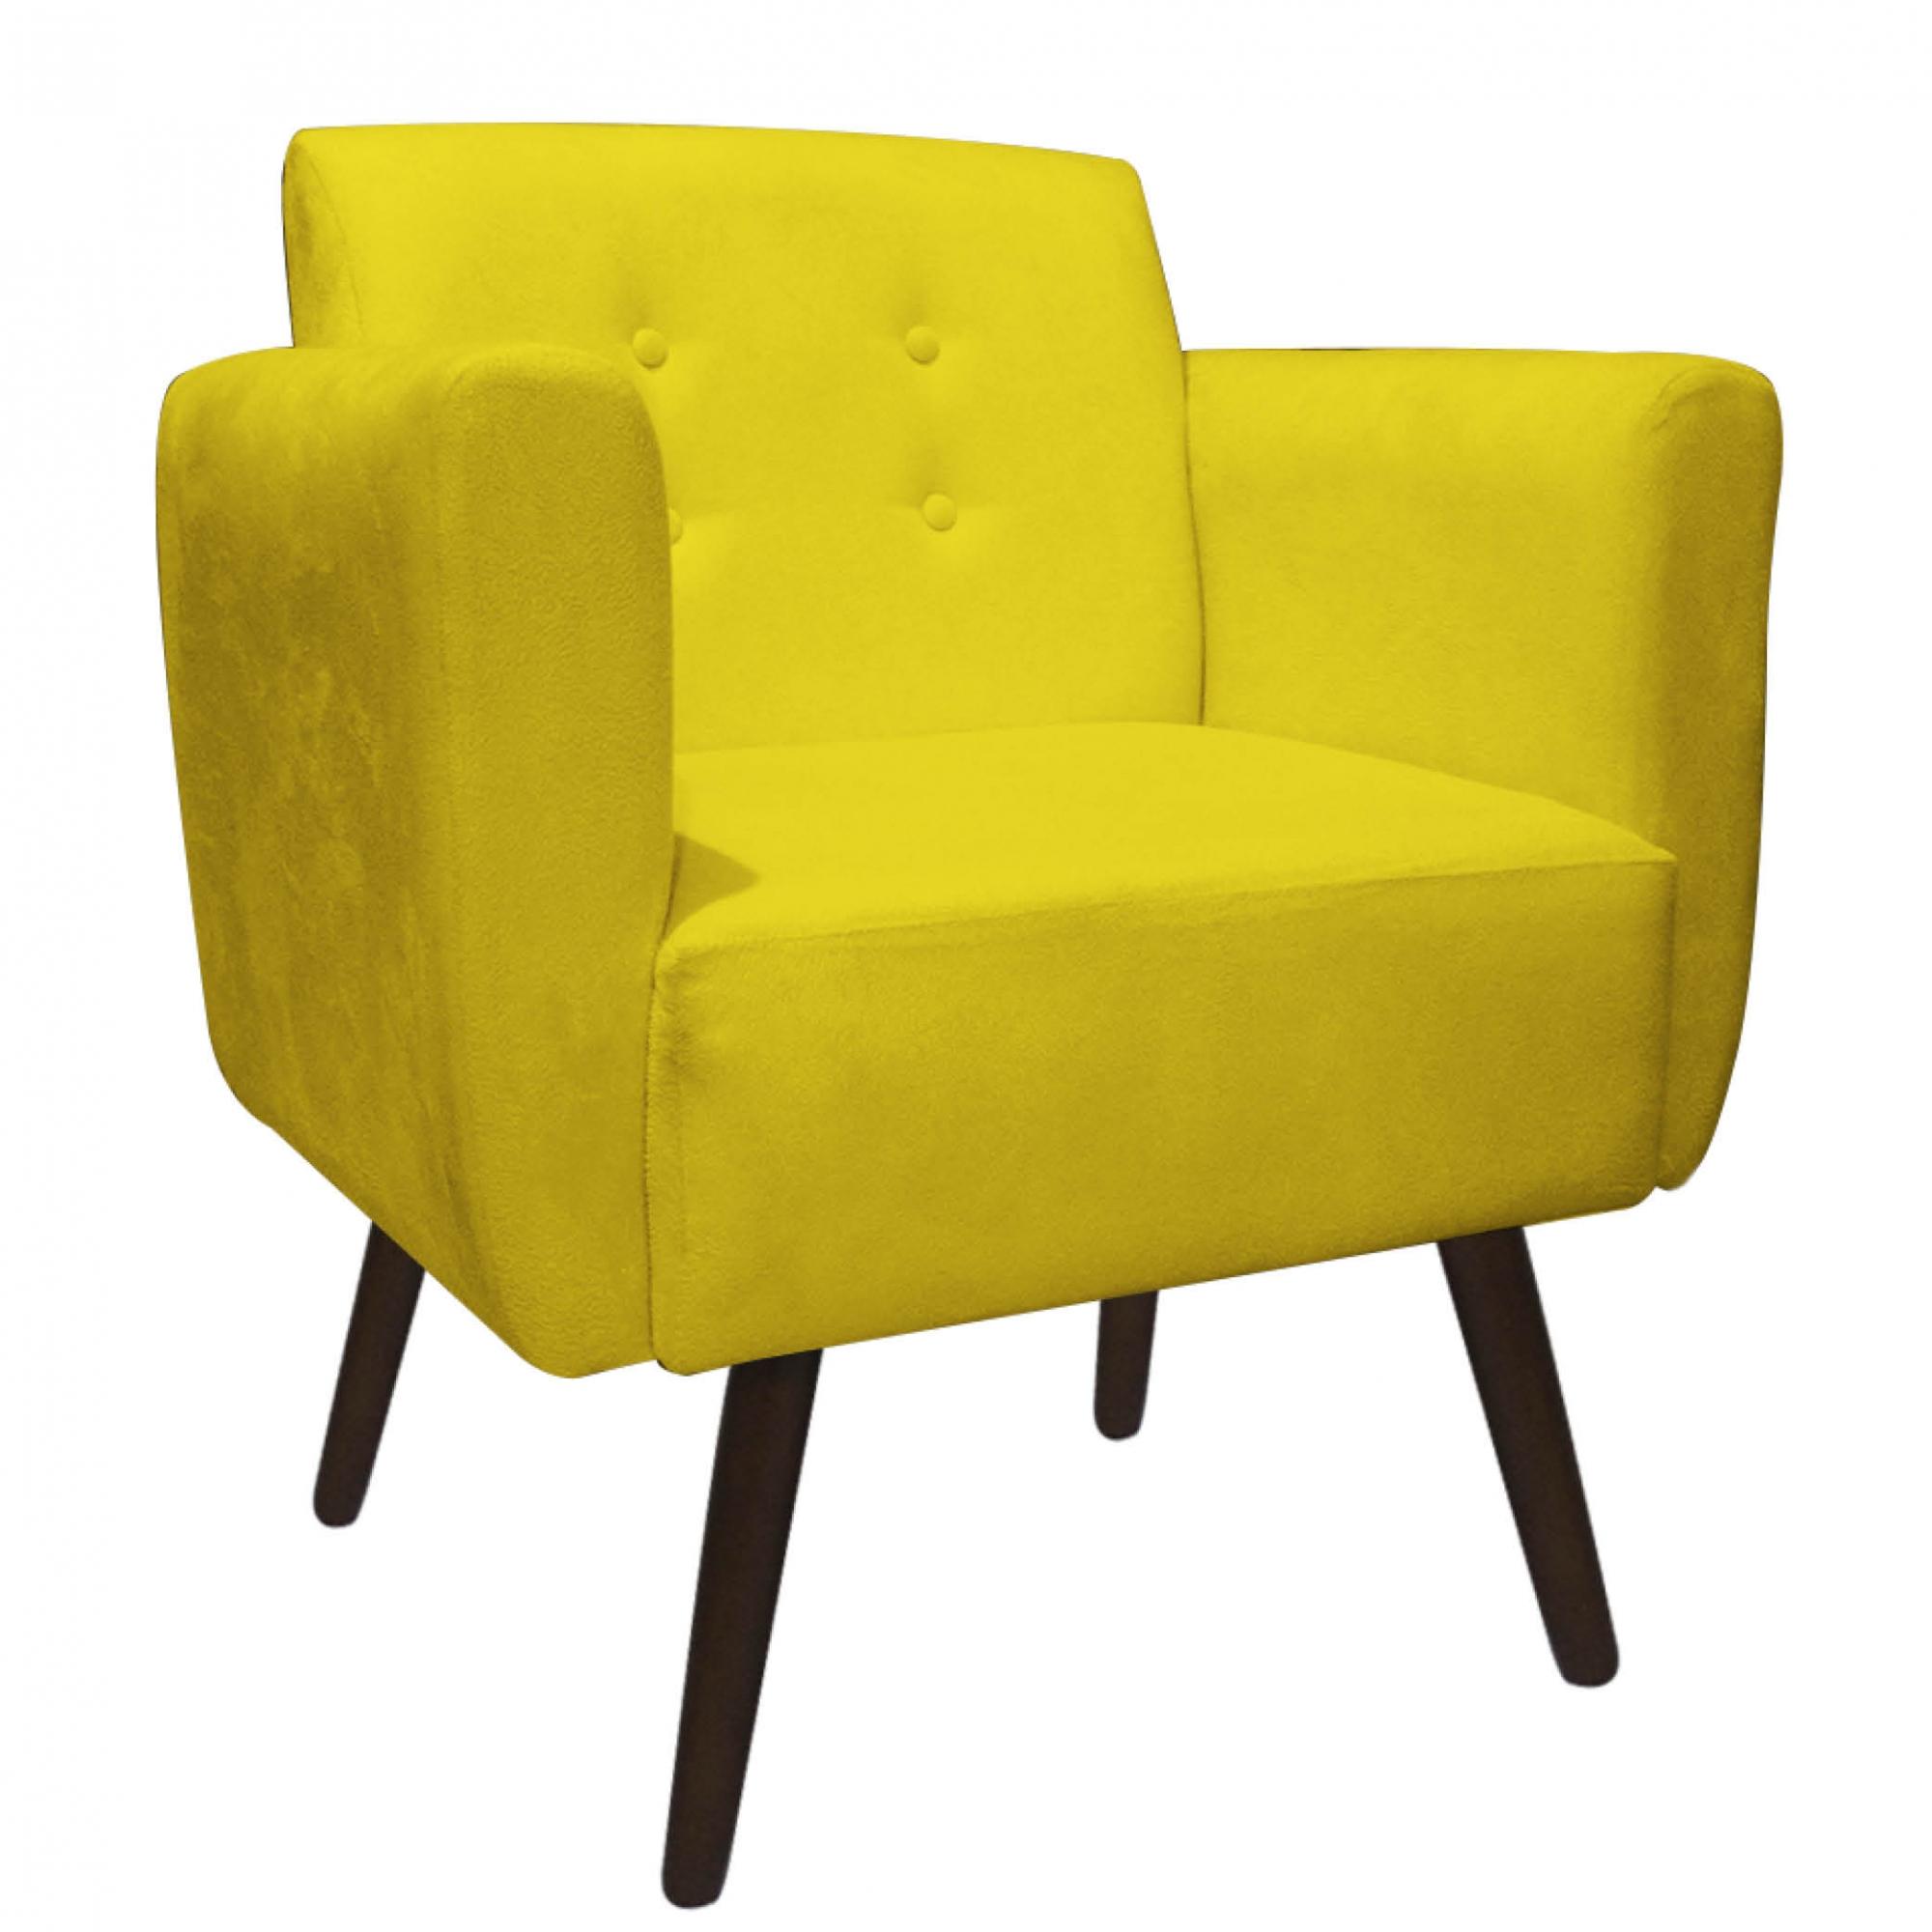 Poltrona Duda Decoraçâo Pé Palito Cadeira Recepção Escritório Clinica D'Classe Decor Suede Amarelo